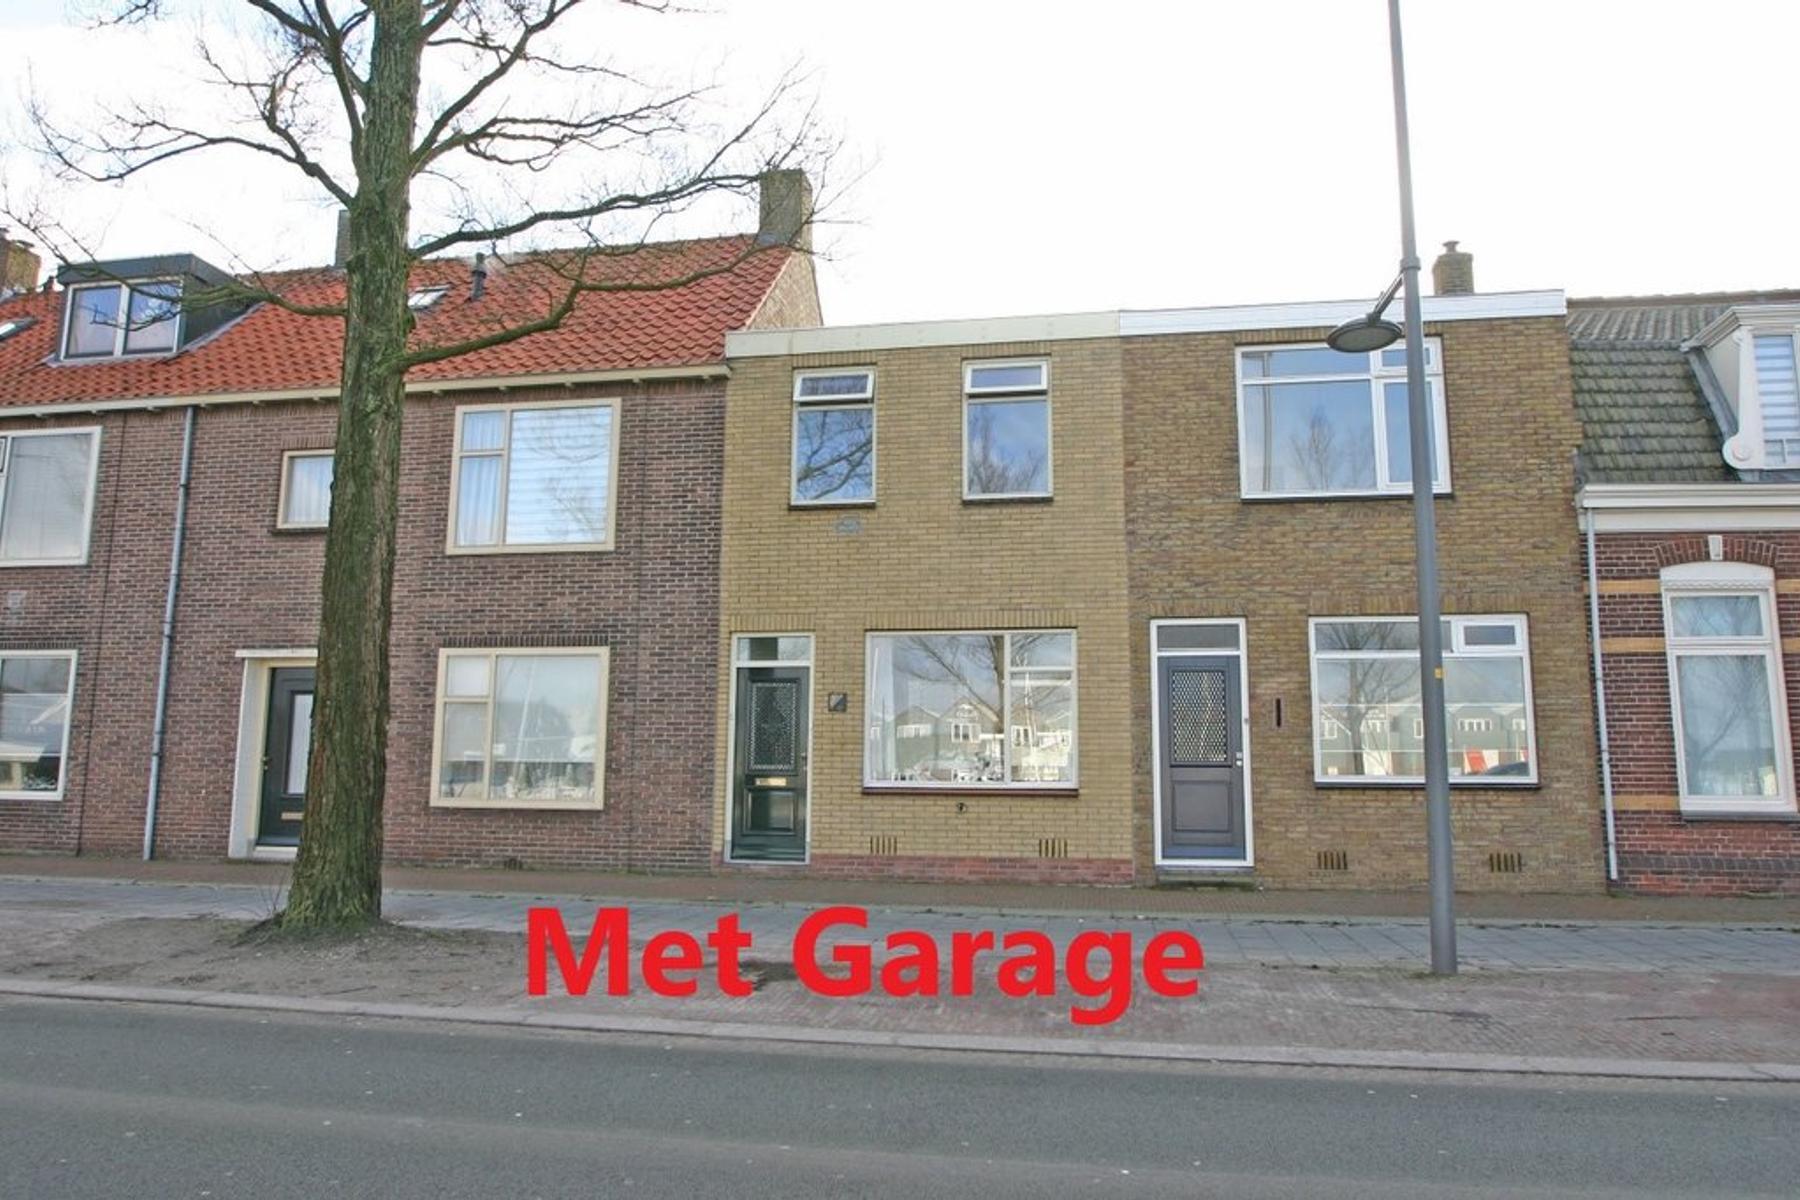 Garage Den Helder : Binnenhaven 107 in den helder 1781 bn: woonhuis. noordstad